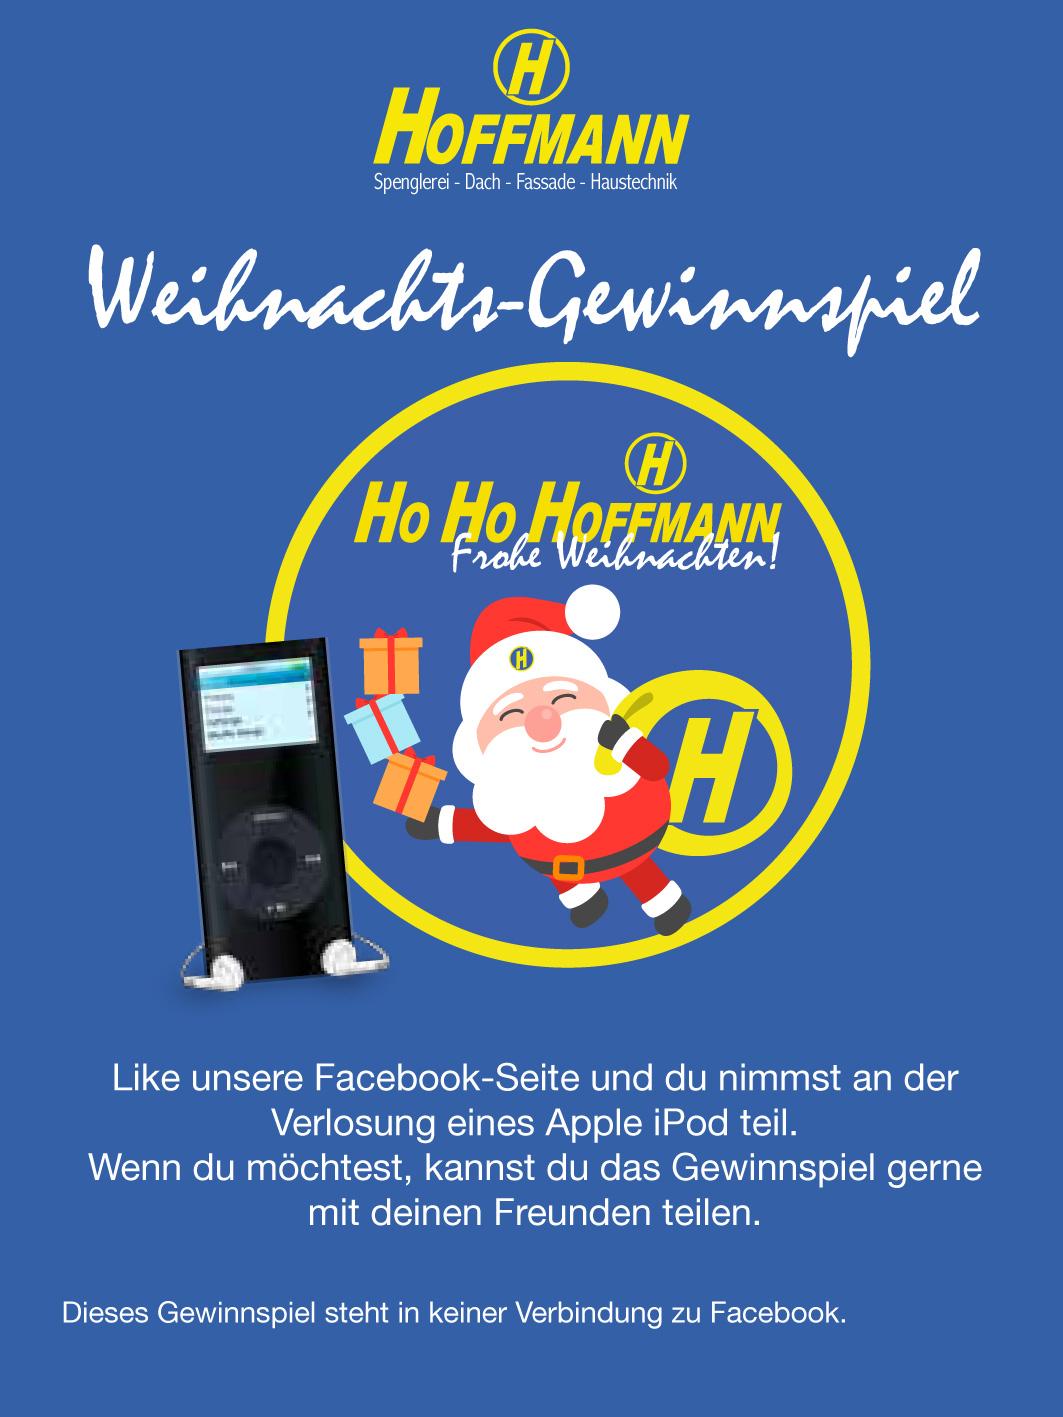 Weihnachts-Gewinnspiel Verlosung eines Apple iPod